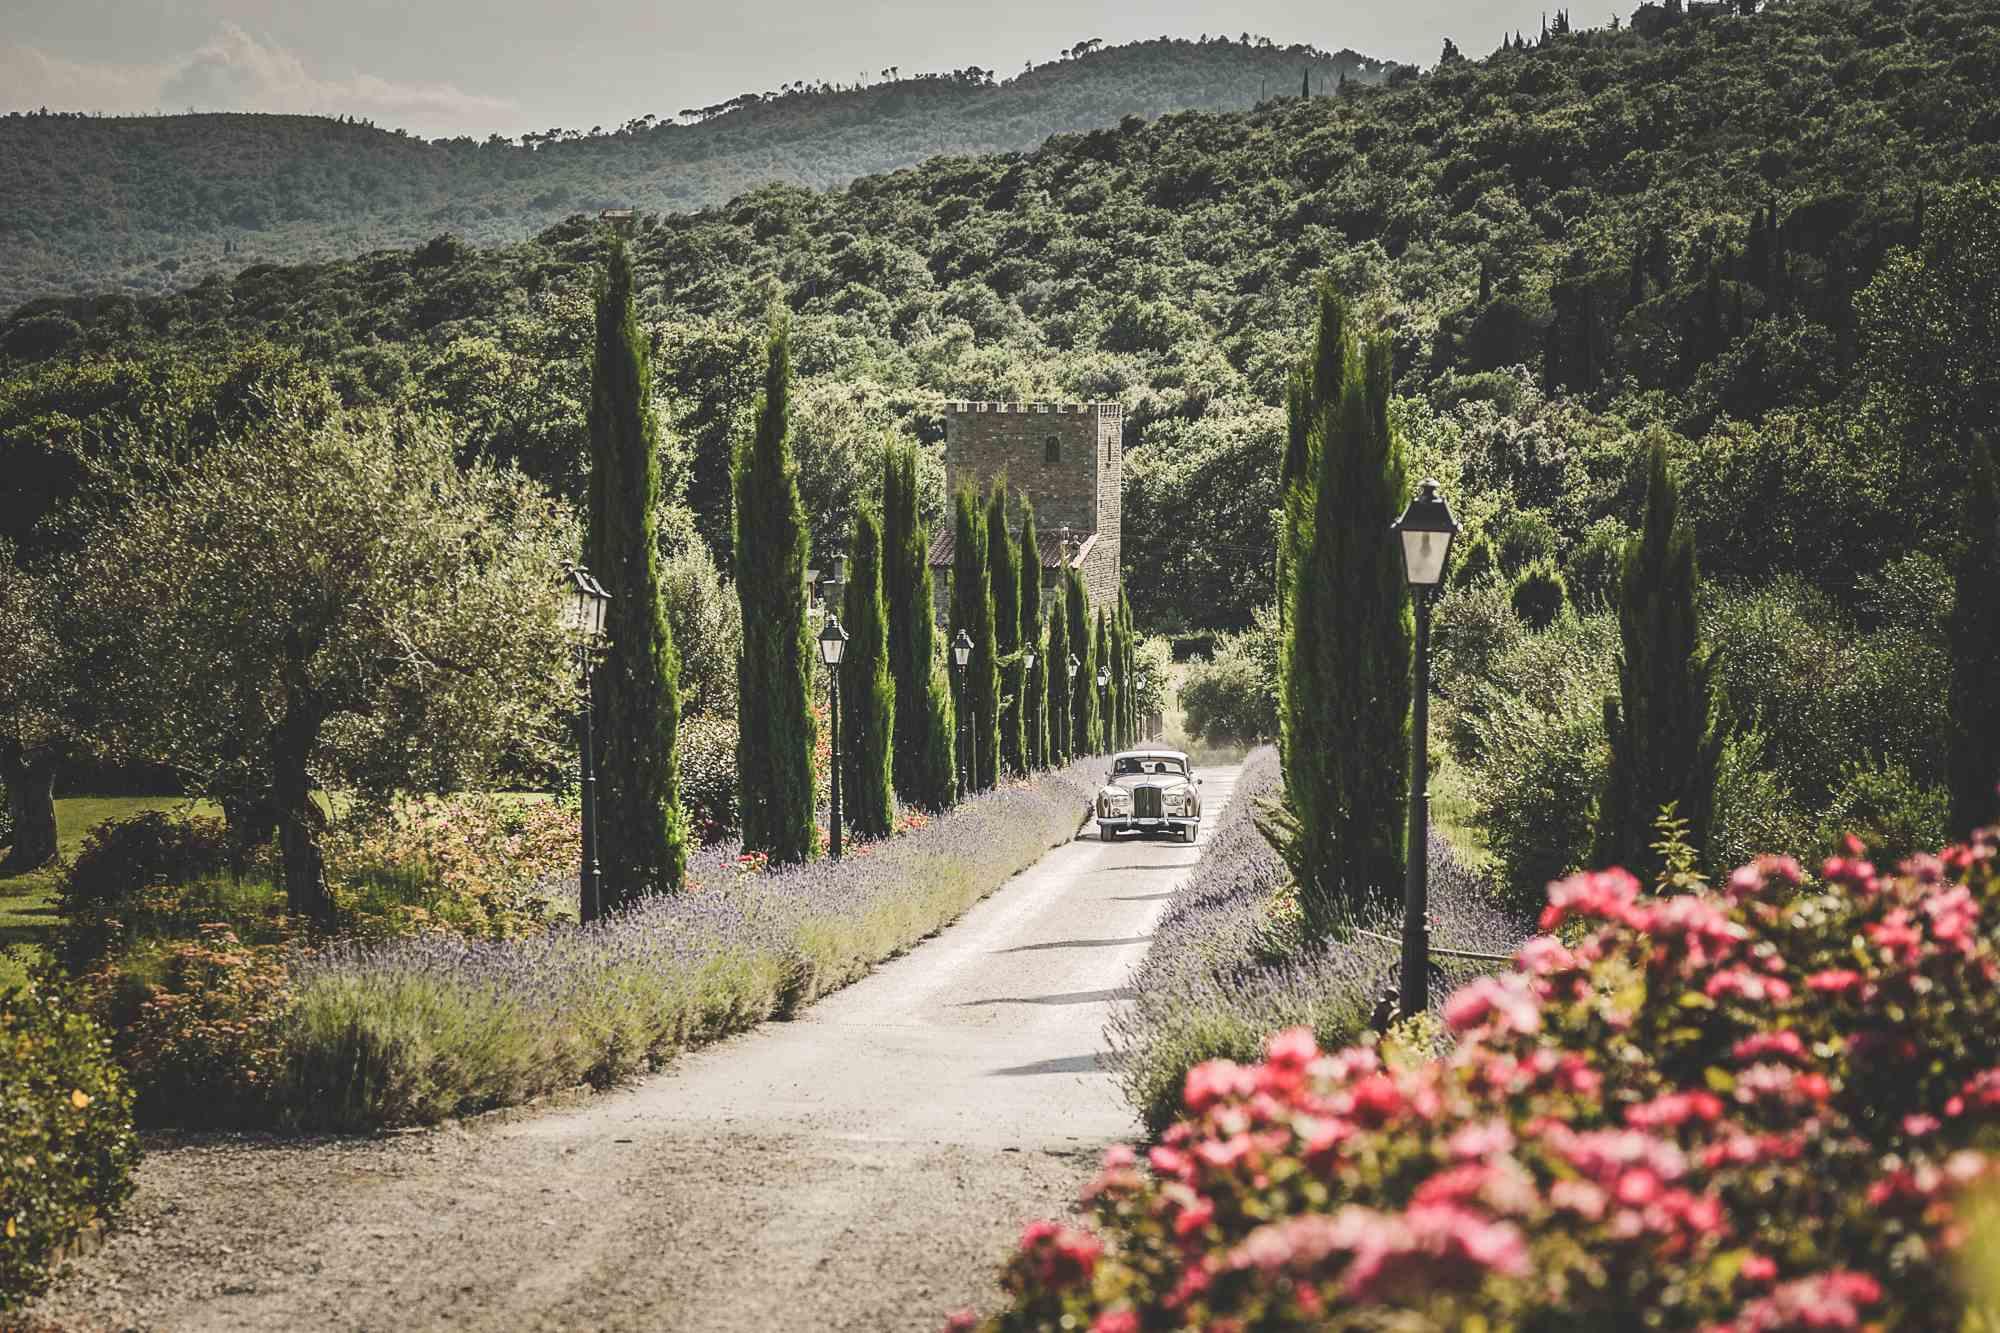 Garden Villa Wedding Italy Bride And Groom S Entrance At Baroncino Along The Cypress Path